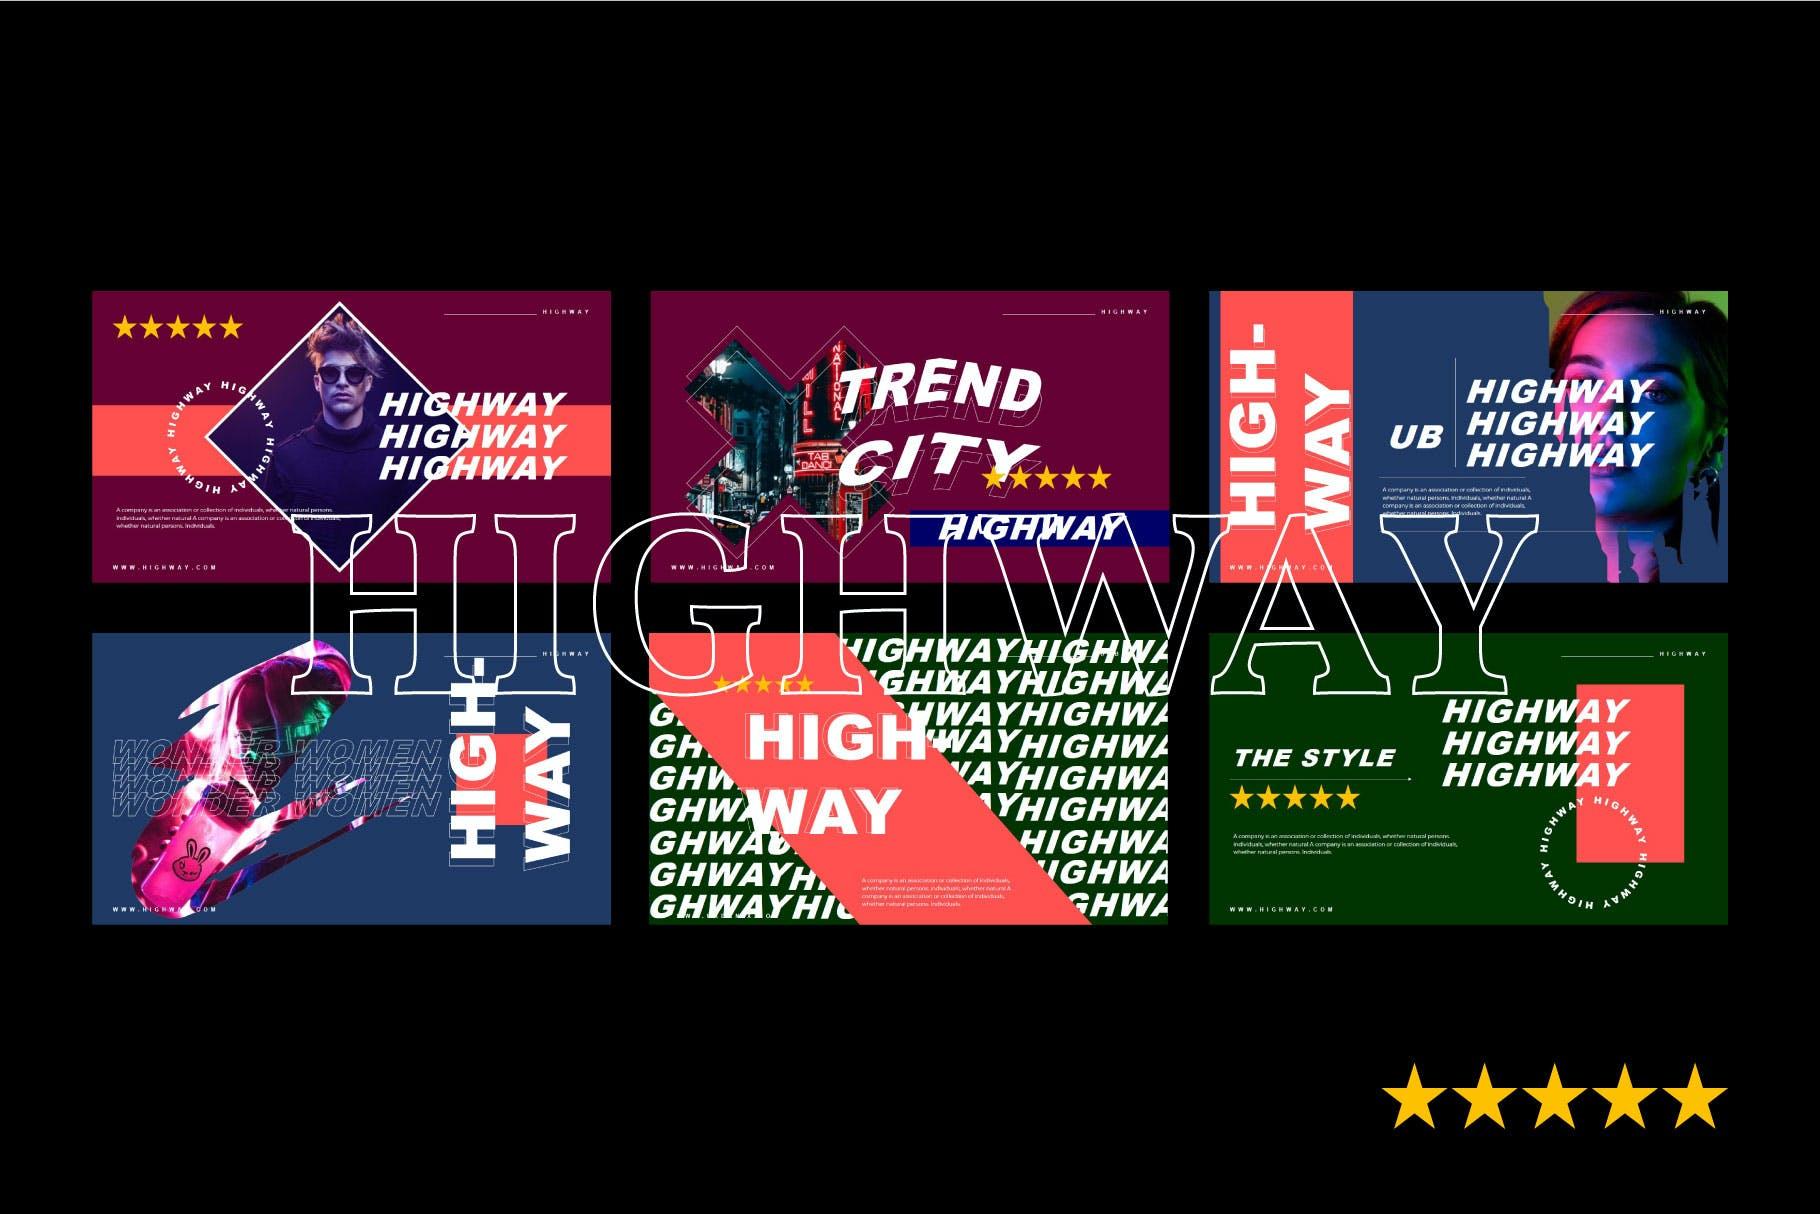 音乐活动午夜派对Powerpoint模板下载 HIGHWAY – Powerpoint Template设计素材模板